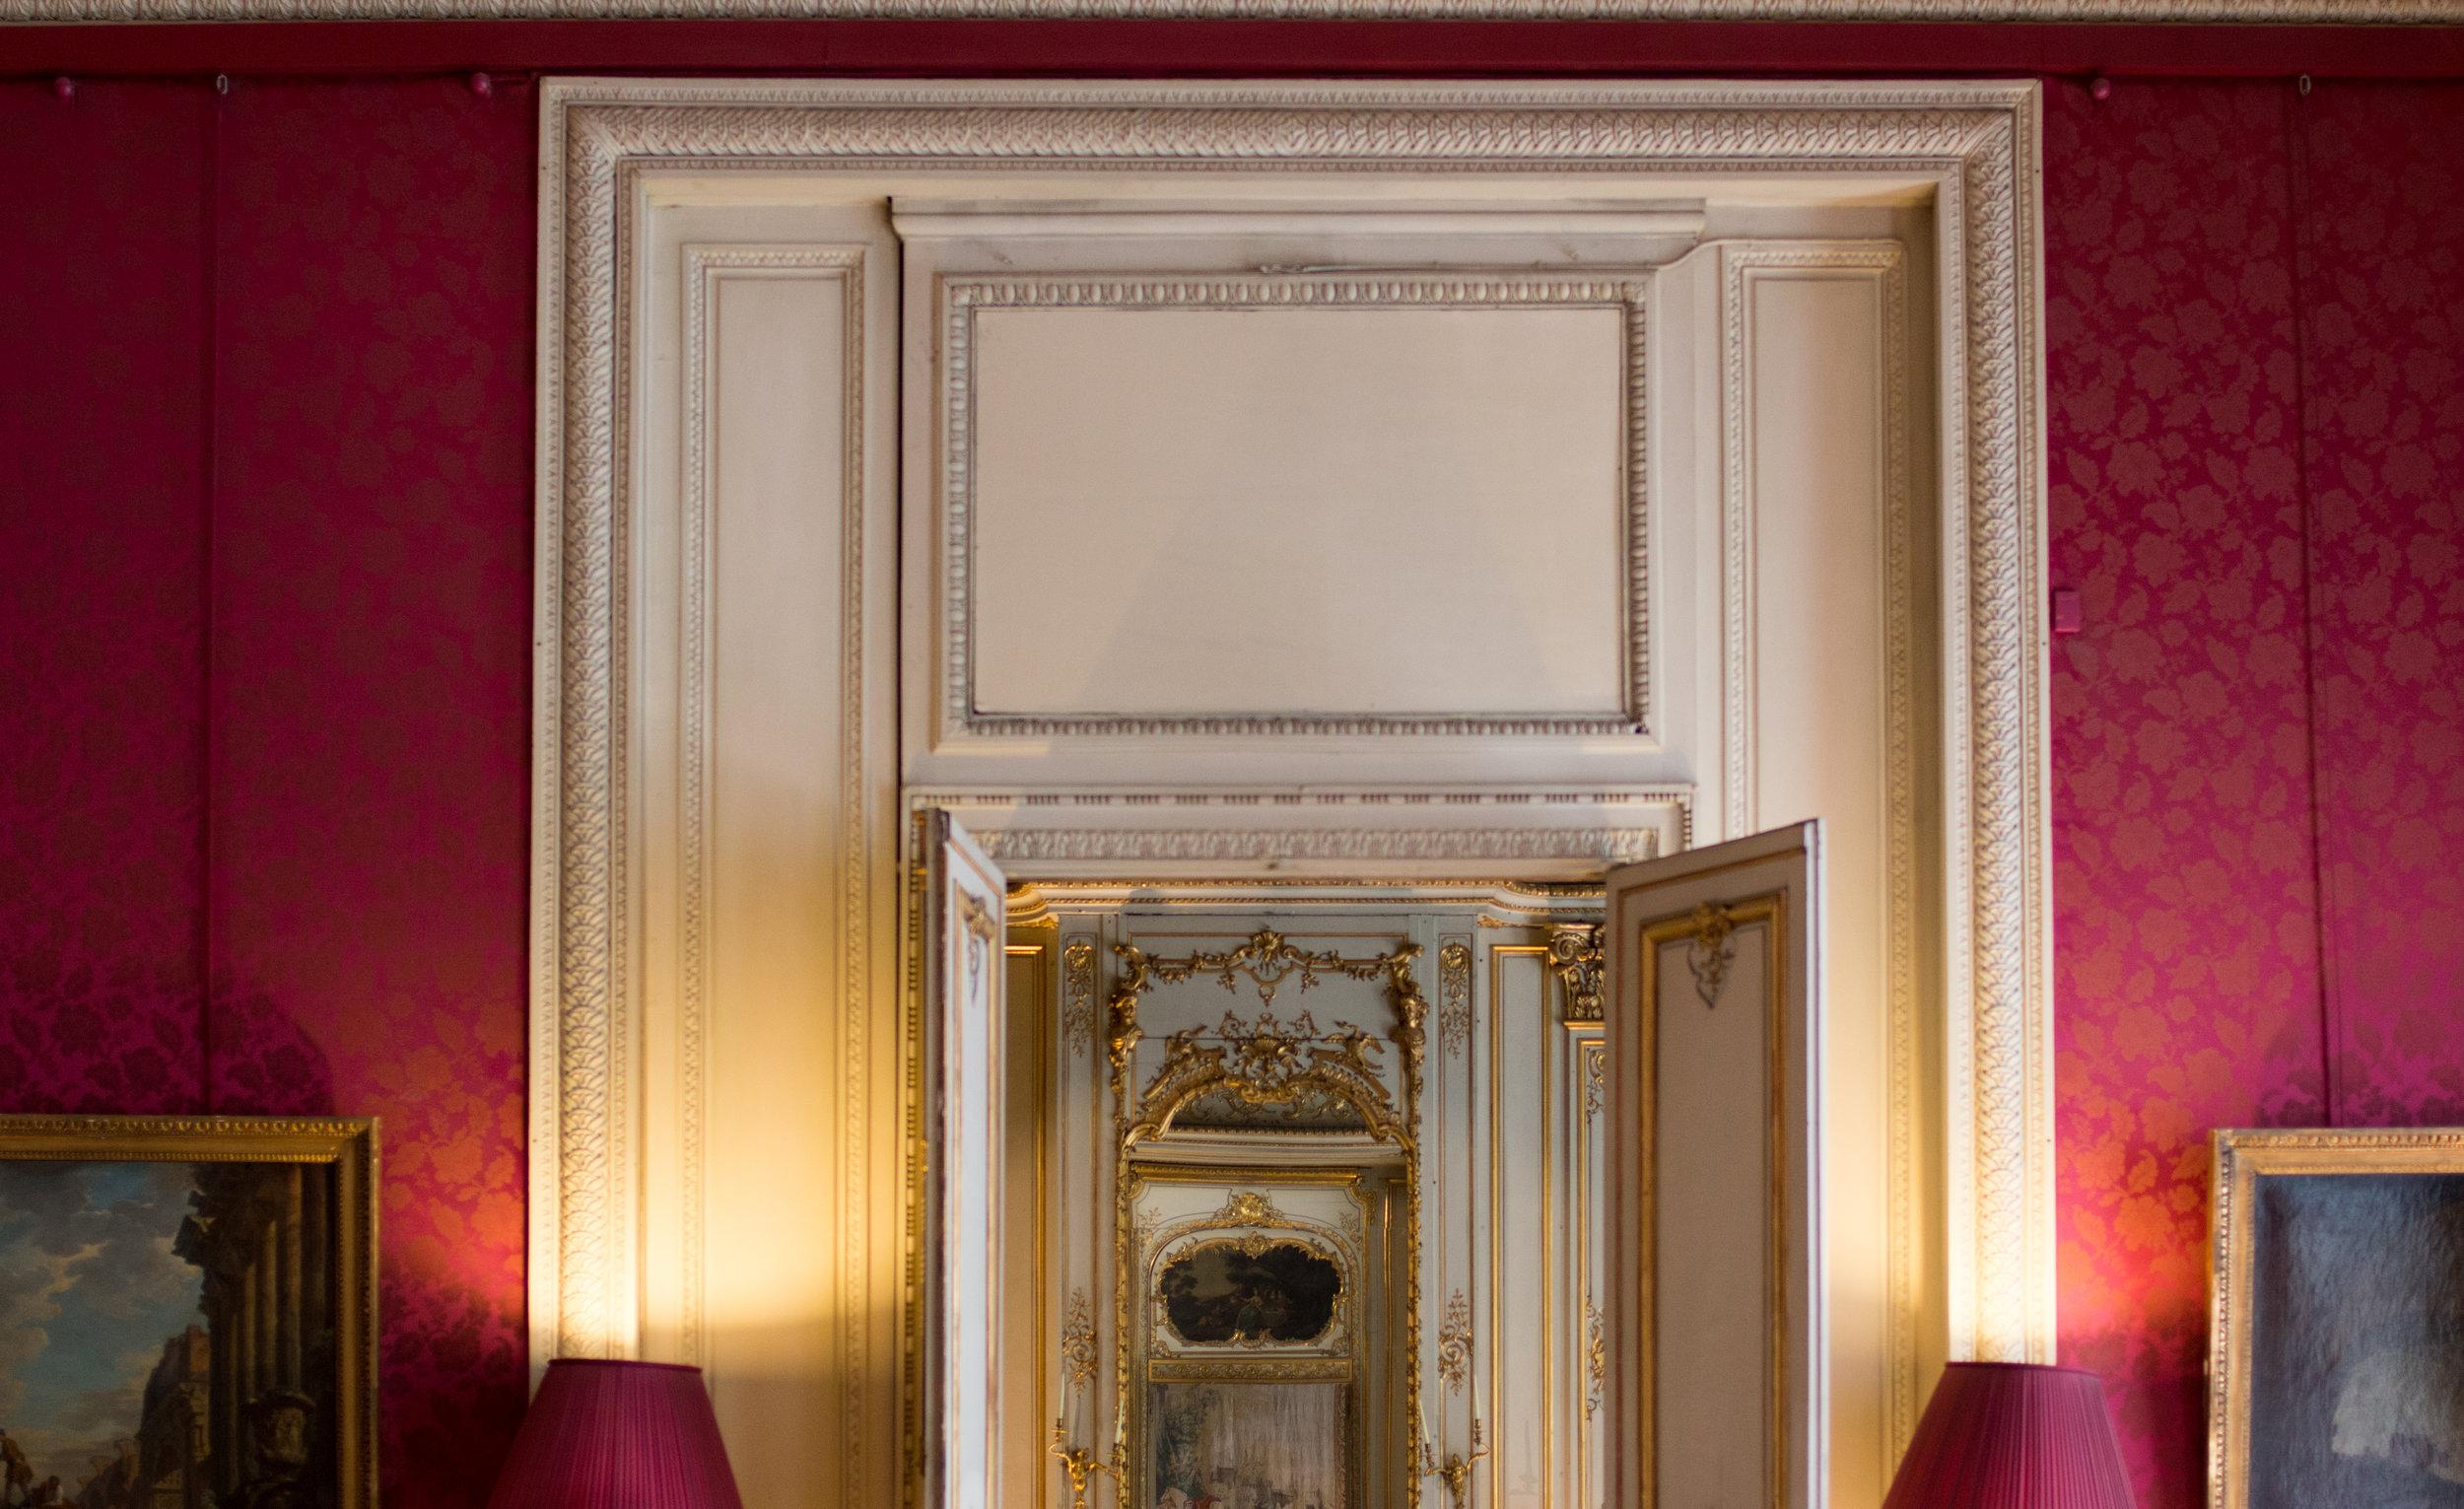 jacquemart andre museum paris france